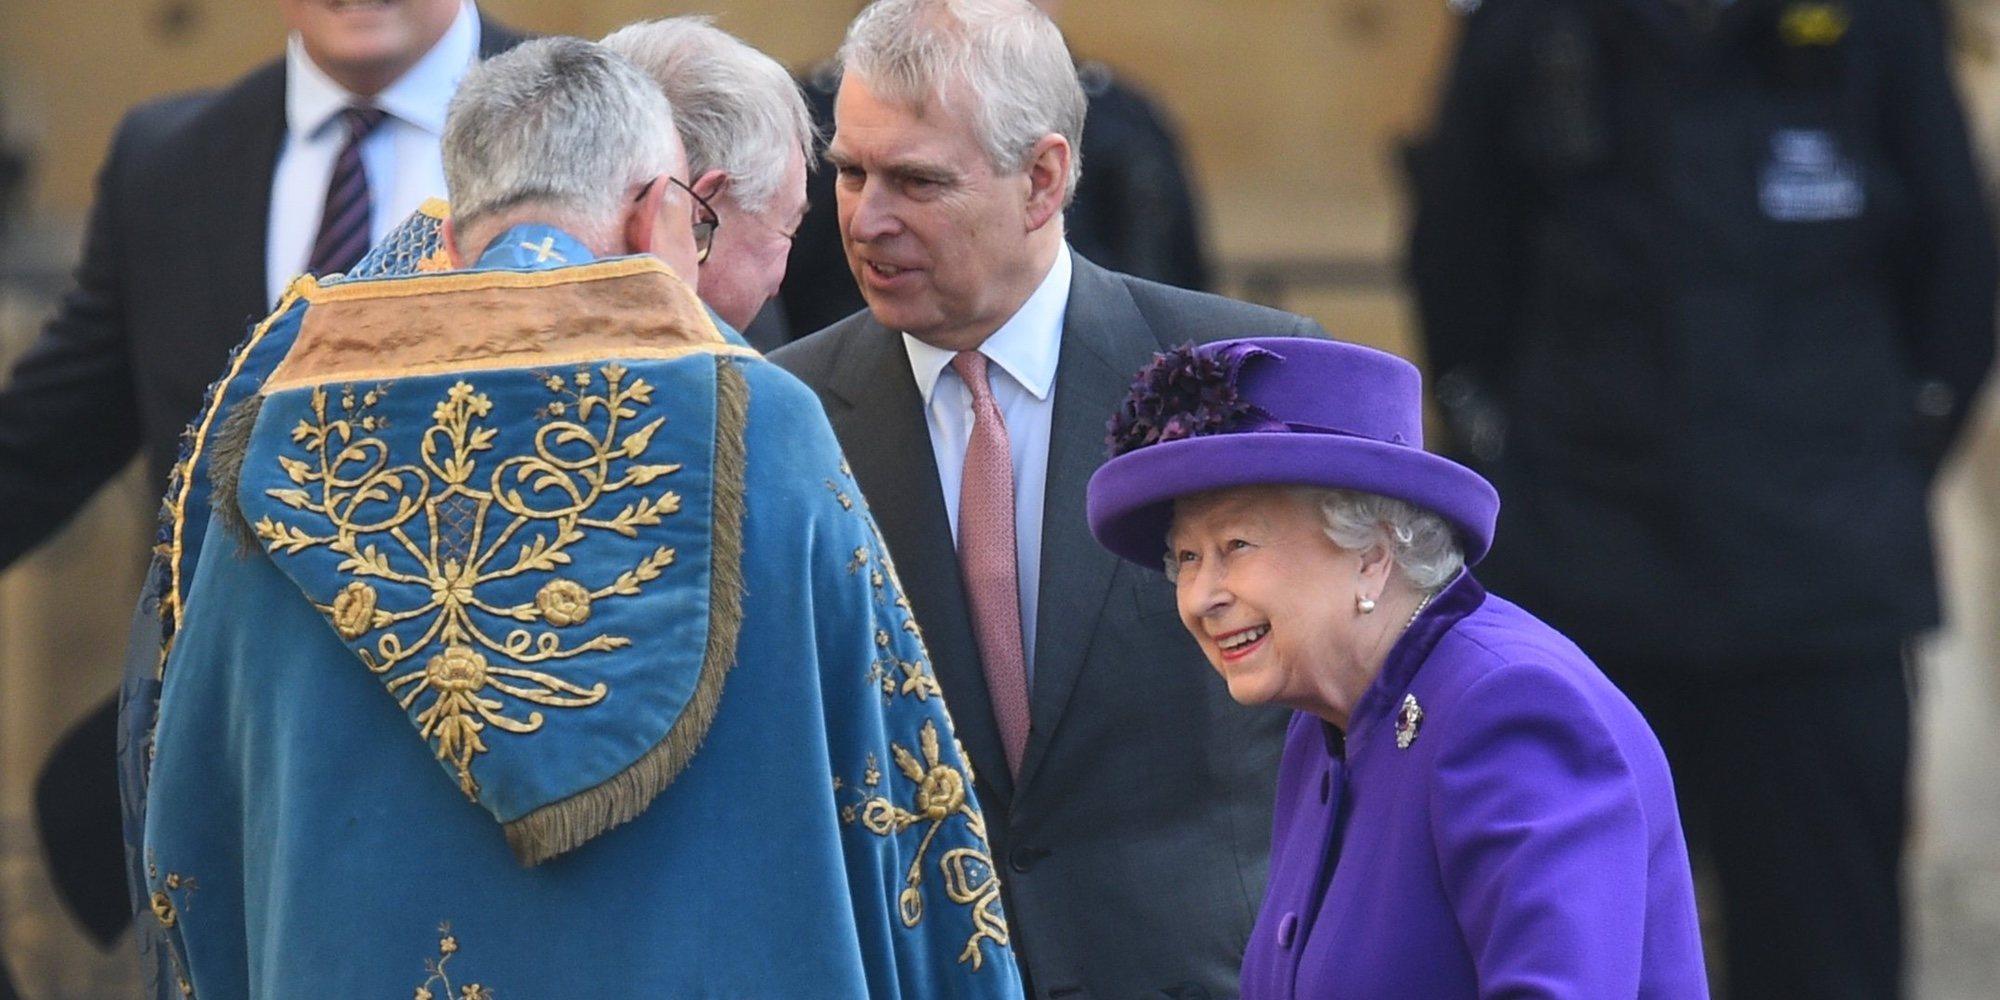 La Reina Isabel podría apoyar al Duque de York tras verse envuelto en un caso delitos sexuales